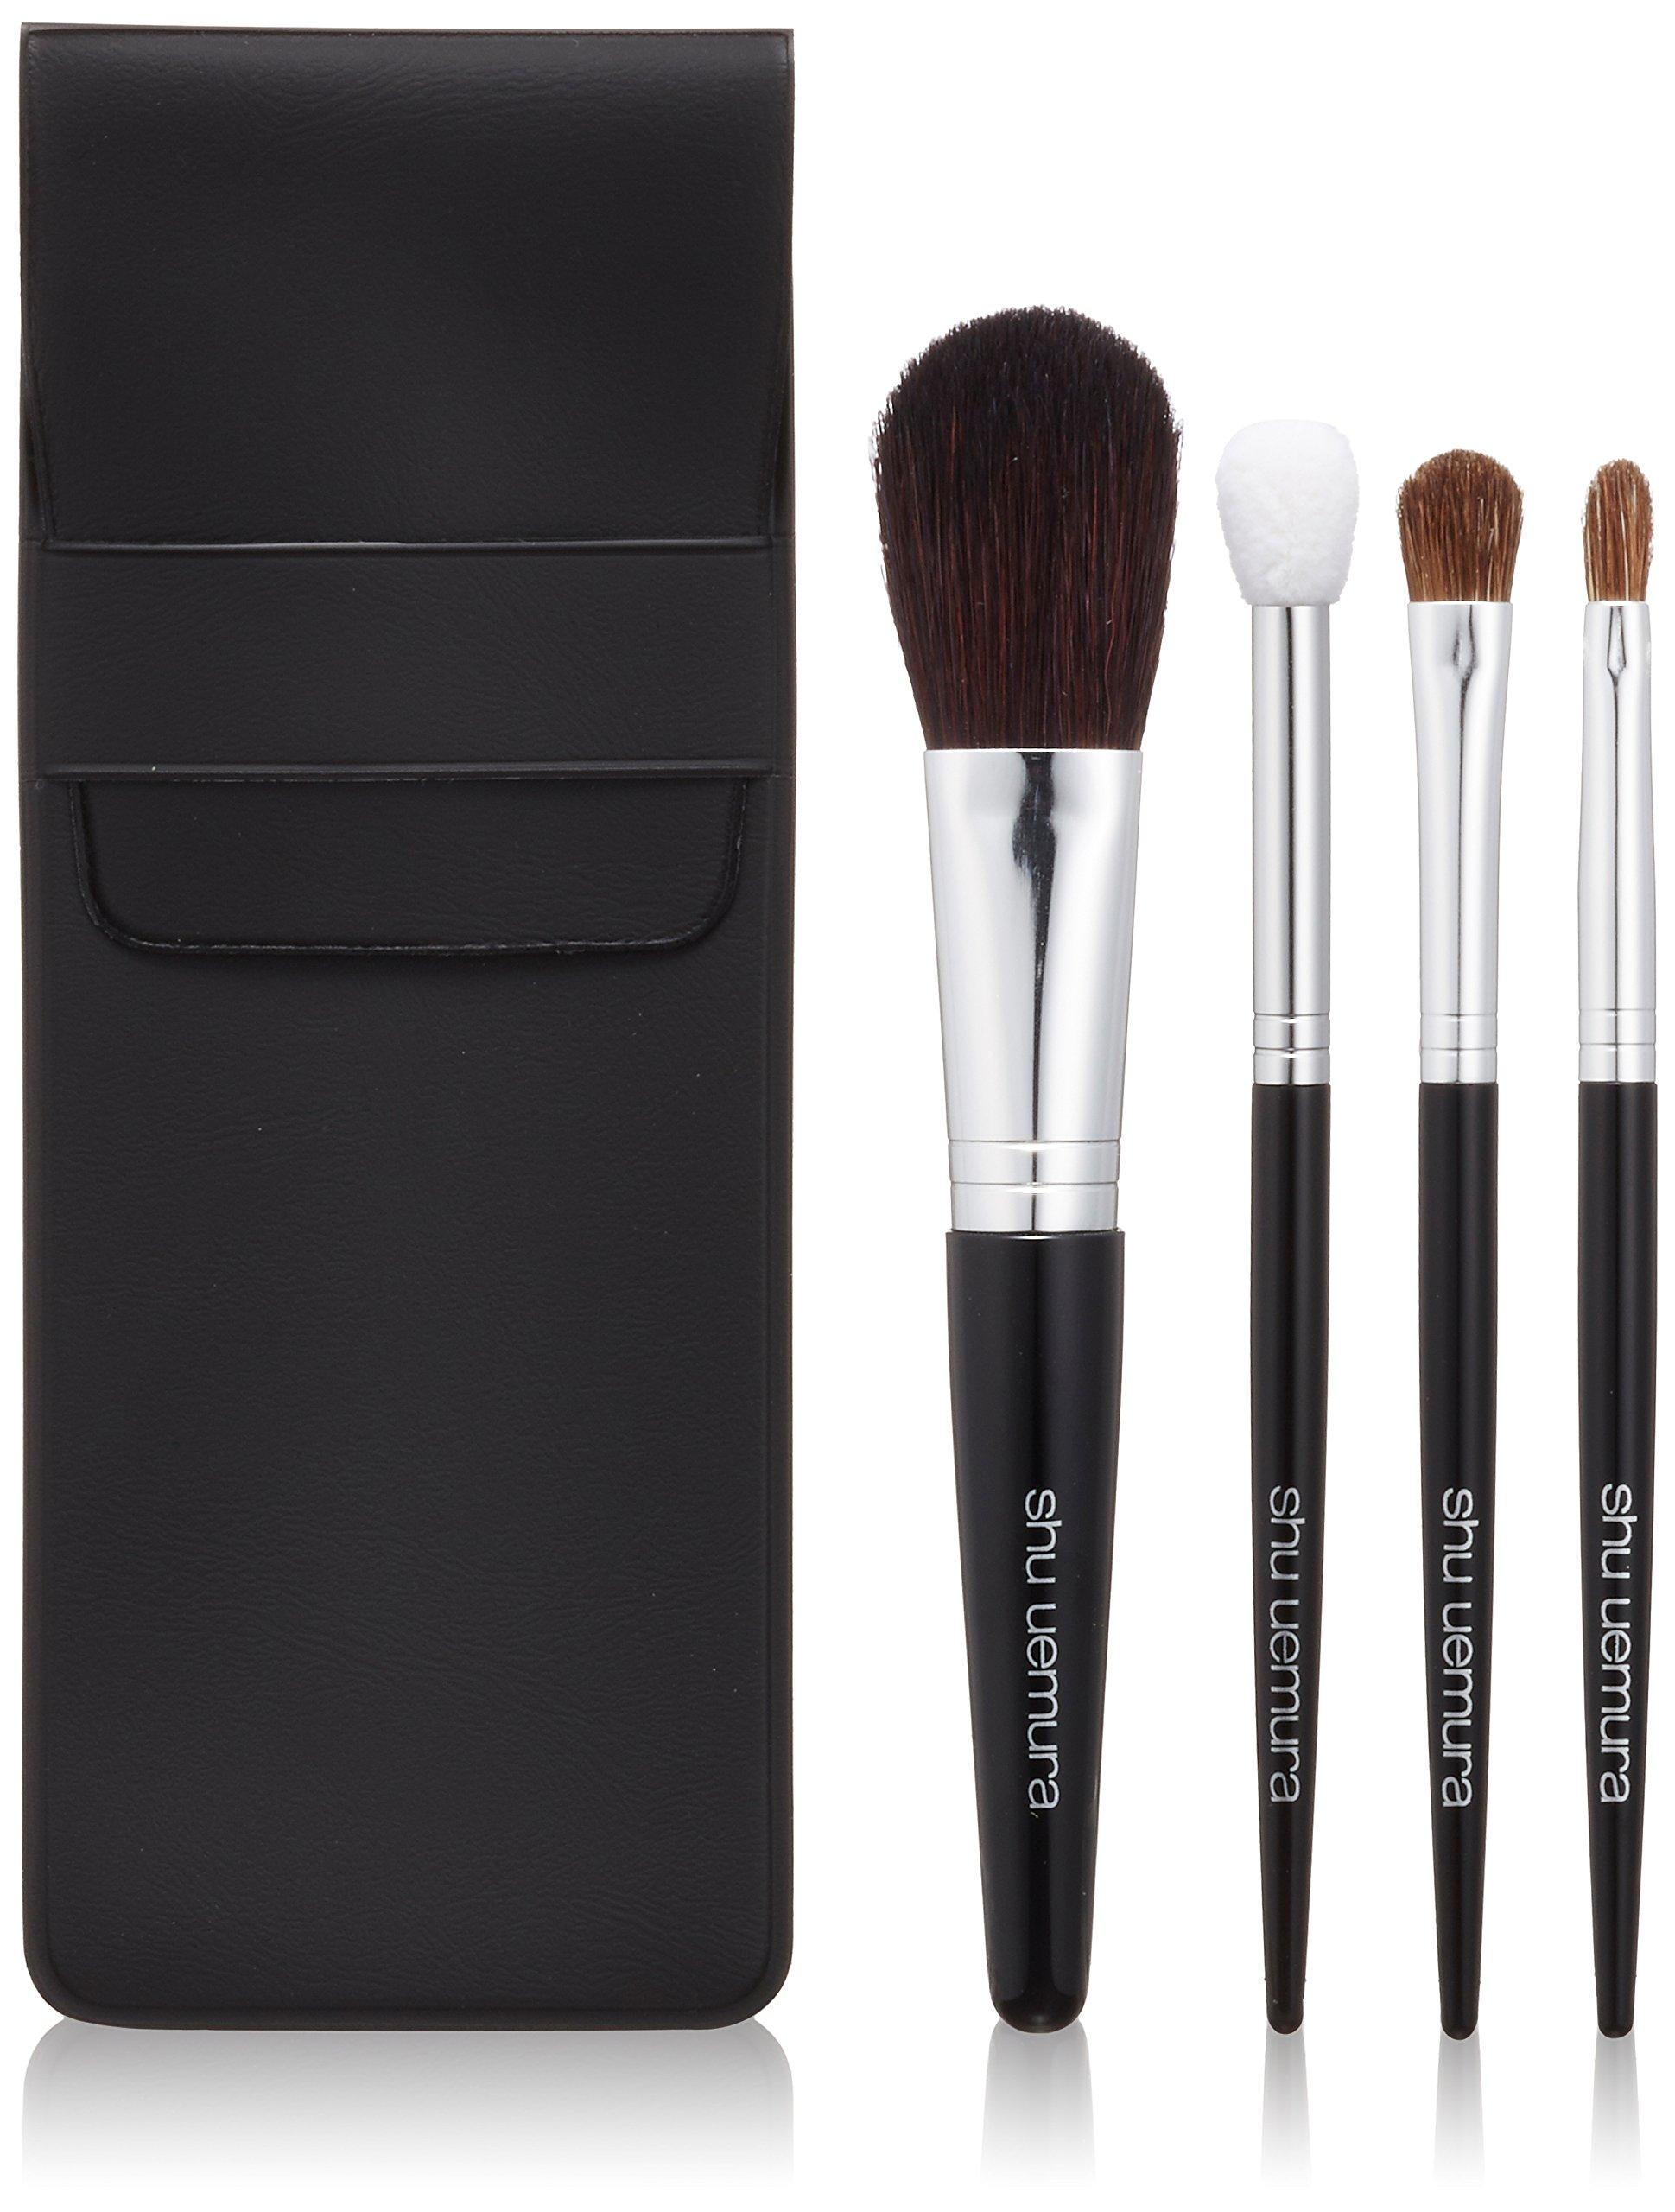 Shu Uemura - Natural Portable Brush Set (For Cheeks, Eye Shadow, Lips) - - by Shu Uemura